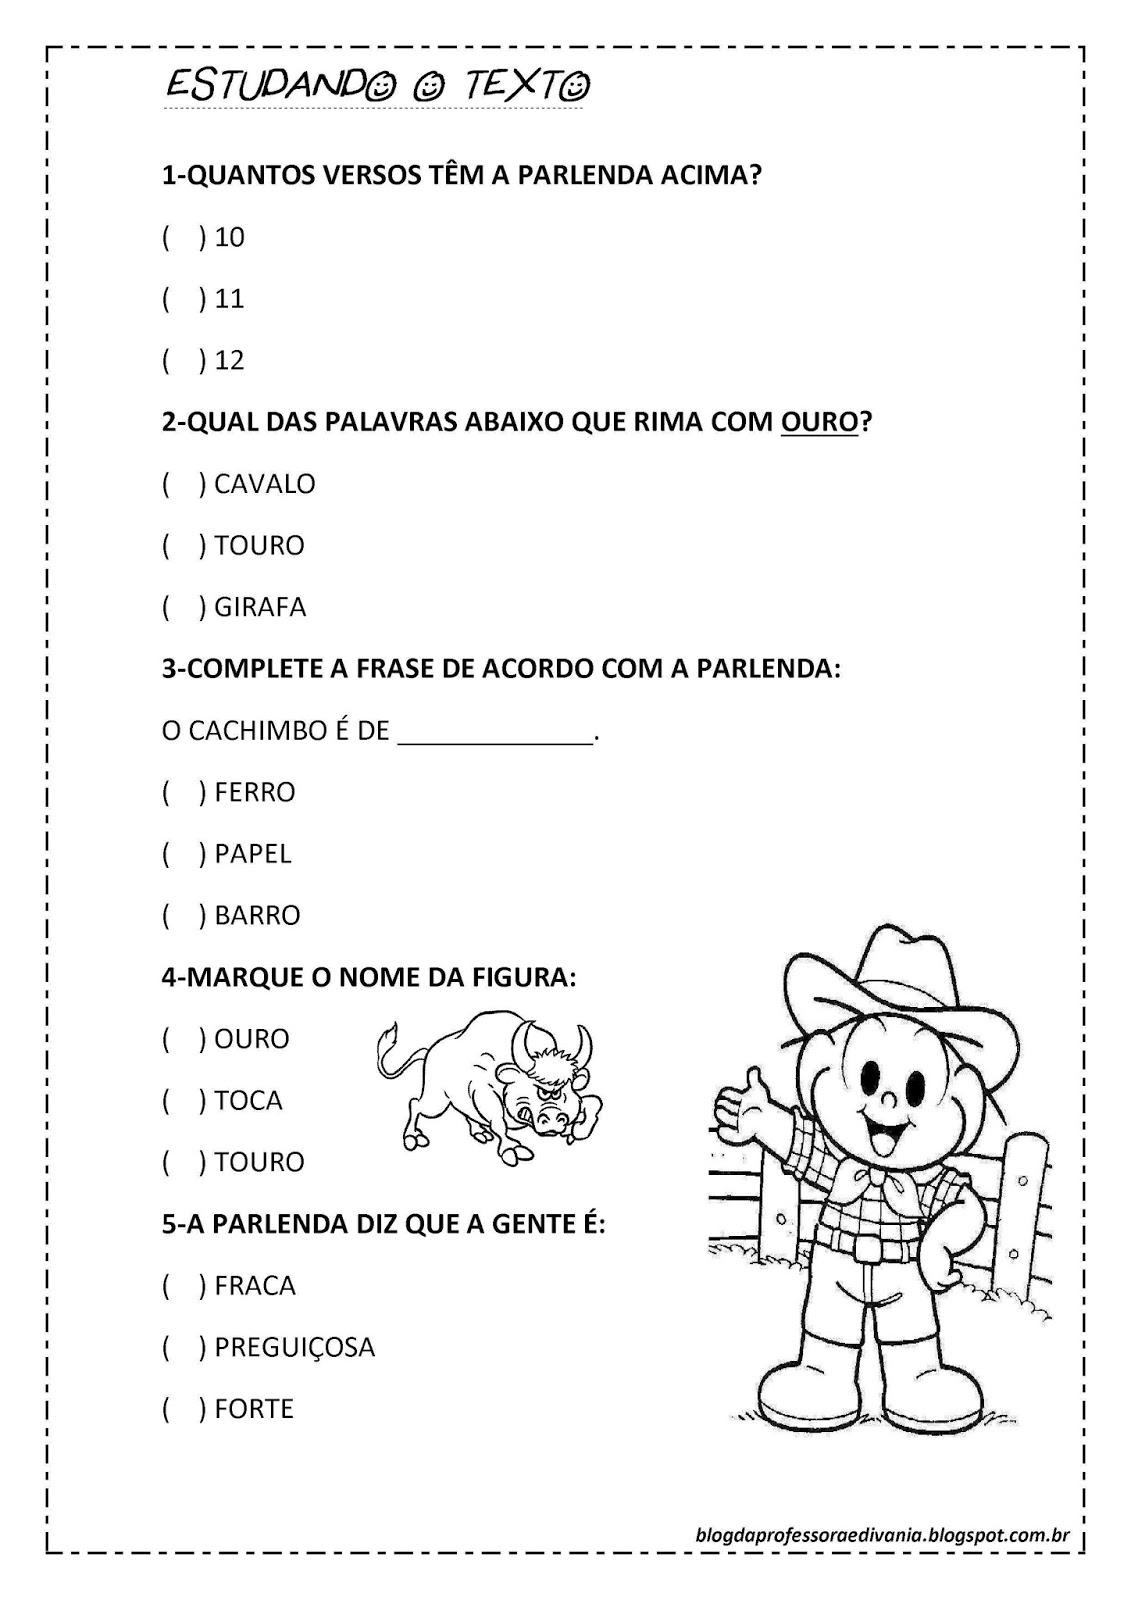 Atividades Folclóricas para imprimir: Parlendas, Trava-Língua, Ditado Recortado, Complete a frase e mais...